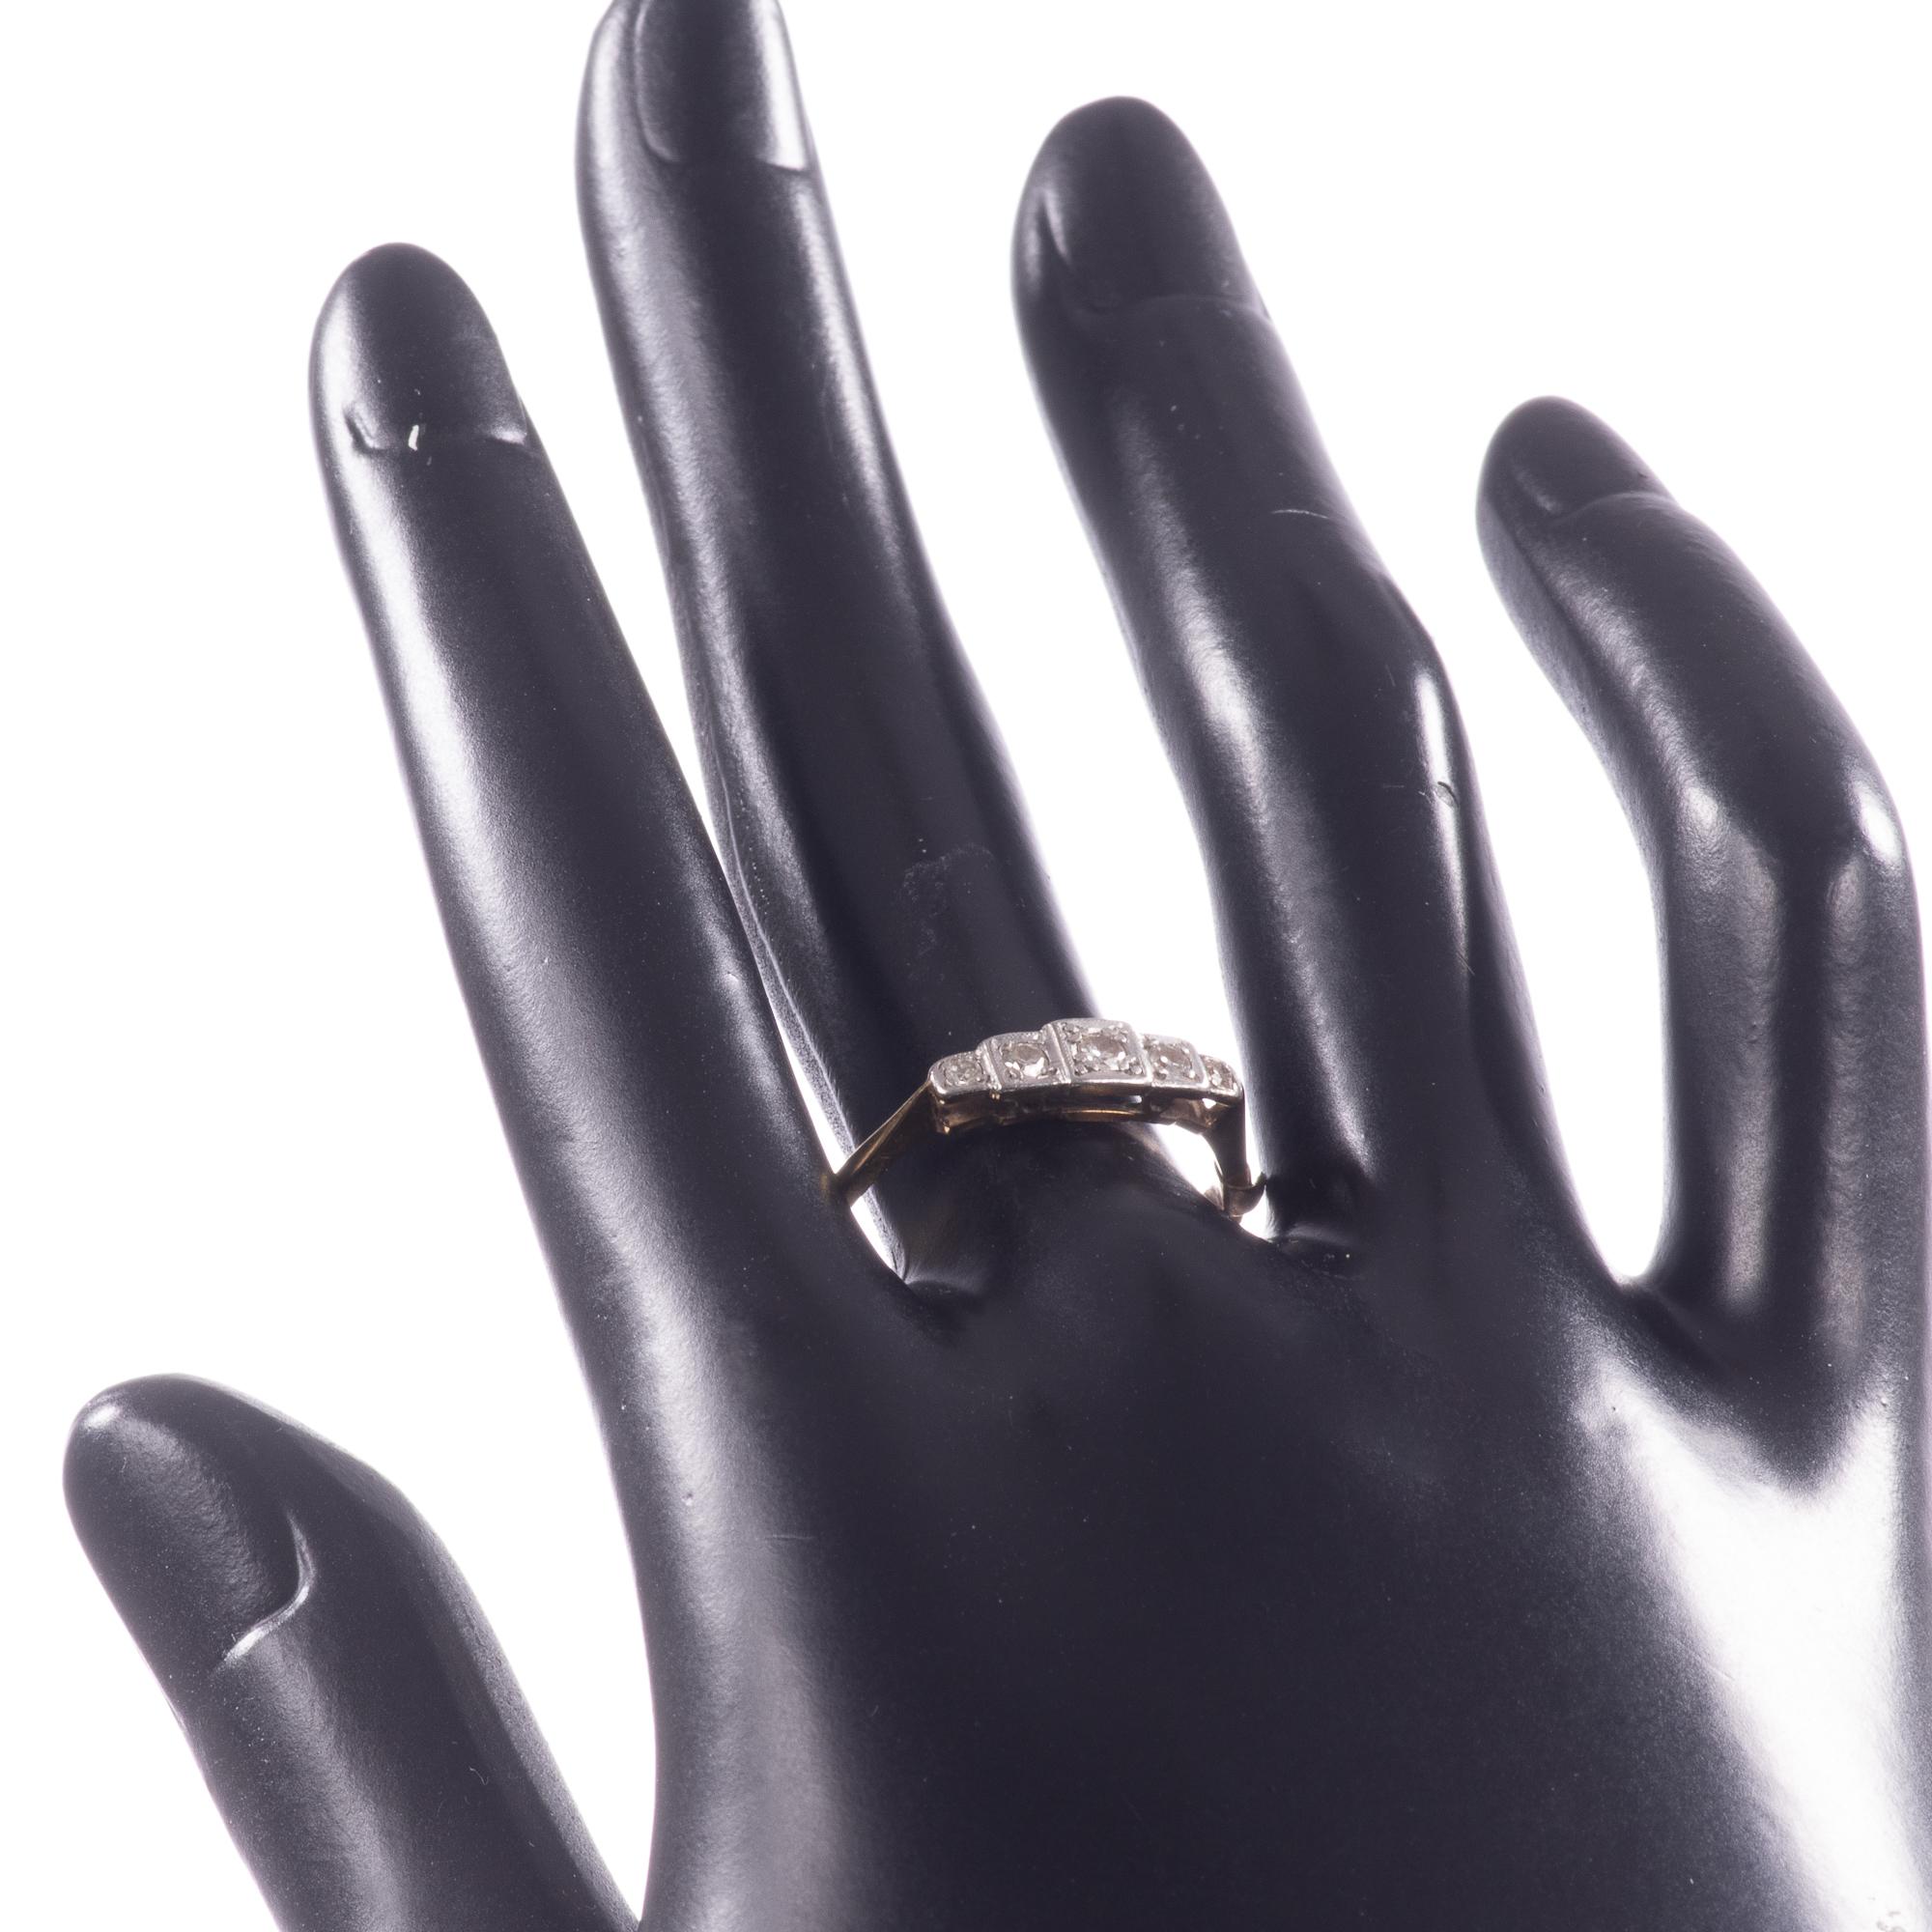 18ct Gold & Platinum Art Deco Diamond Ring - Image 9 of 9